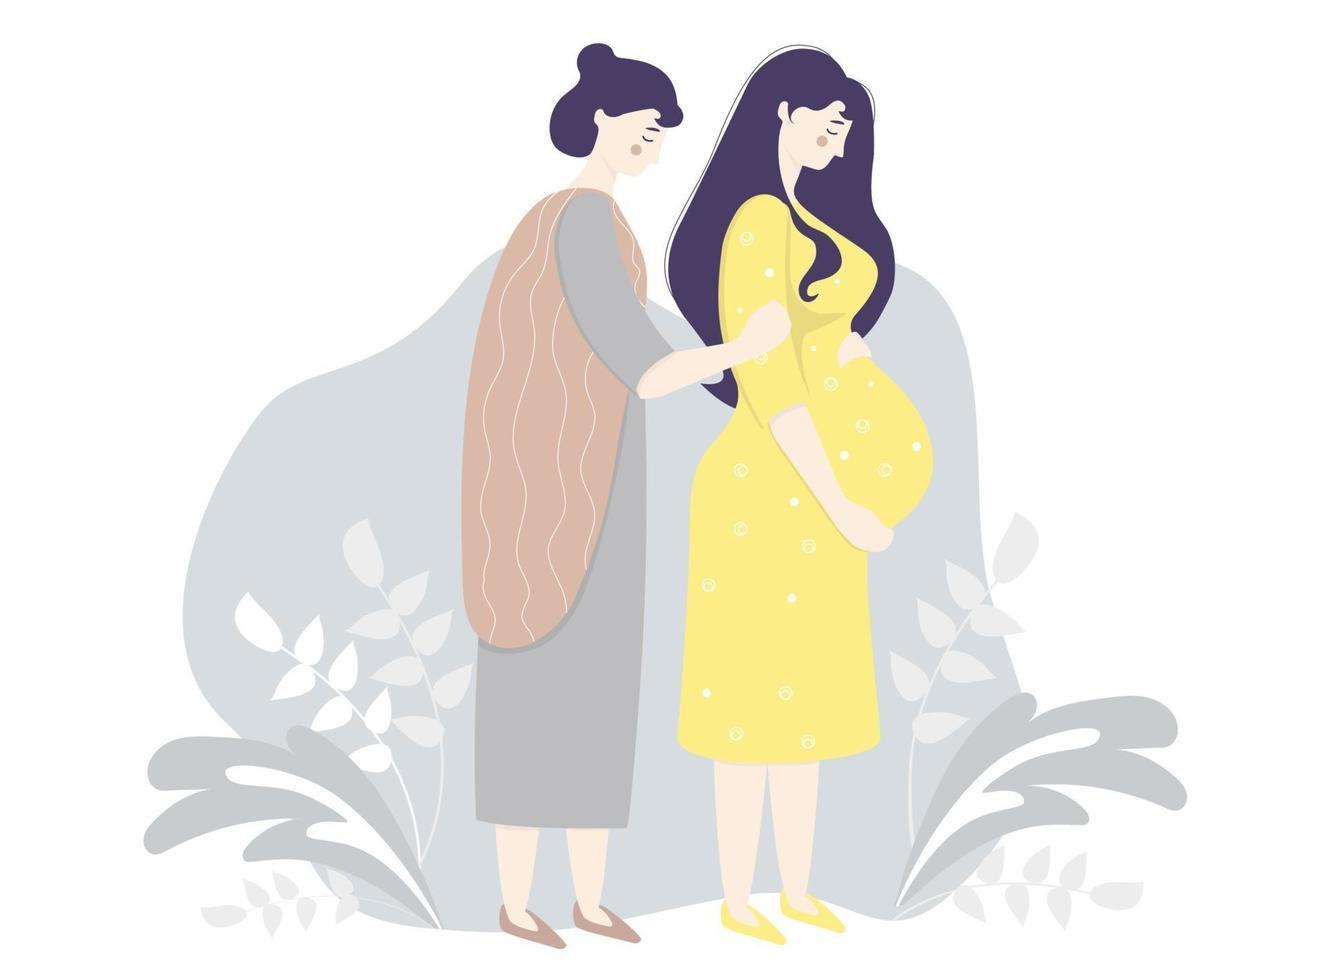 maternidade e família. mulher grávida feliz em um vestido amarelo abraça suavemente a barriga. ao lado dela está sua mãe de mulher de pele clara em um fundo cinza decorativo. ilustração vetorial vetor